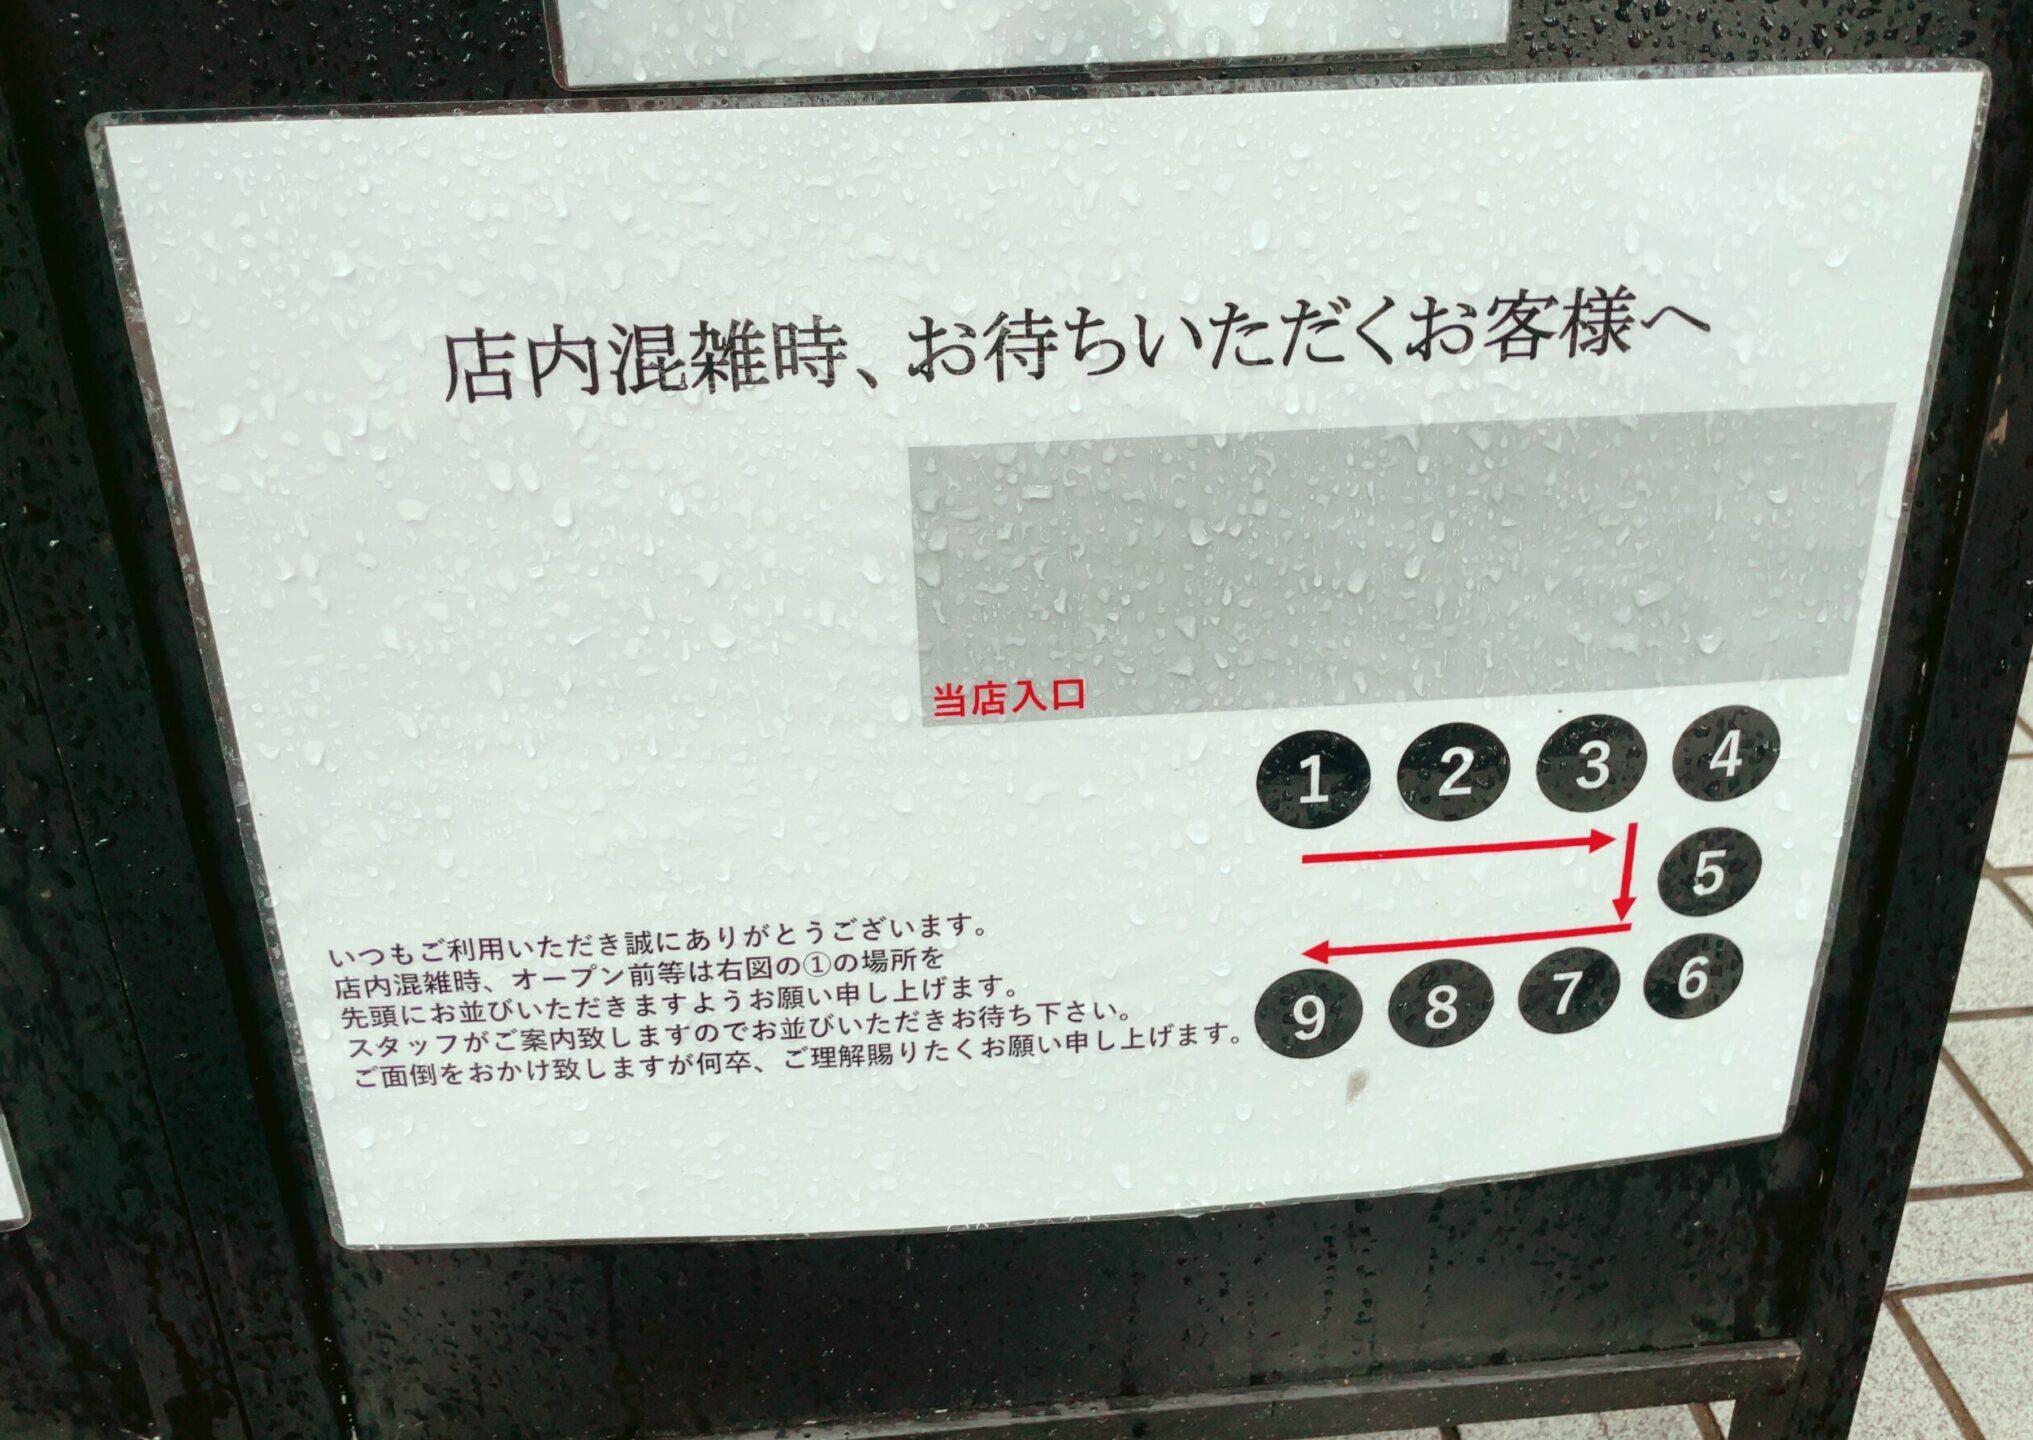 らーめんMAIKAGURA(まいかぐら)の行列